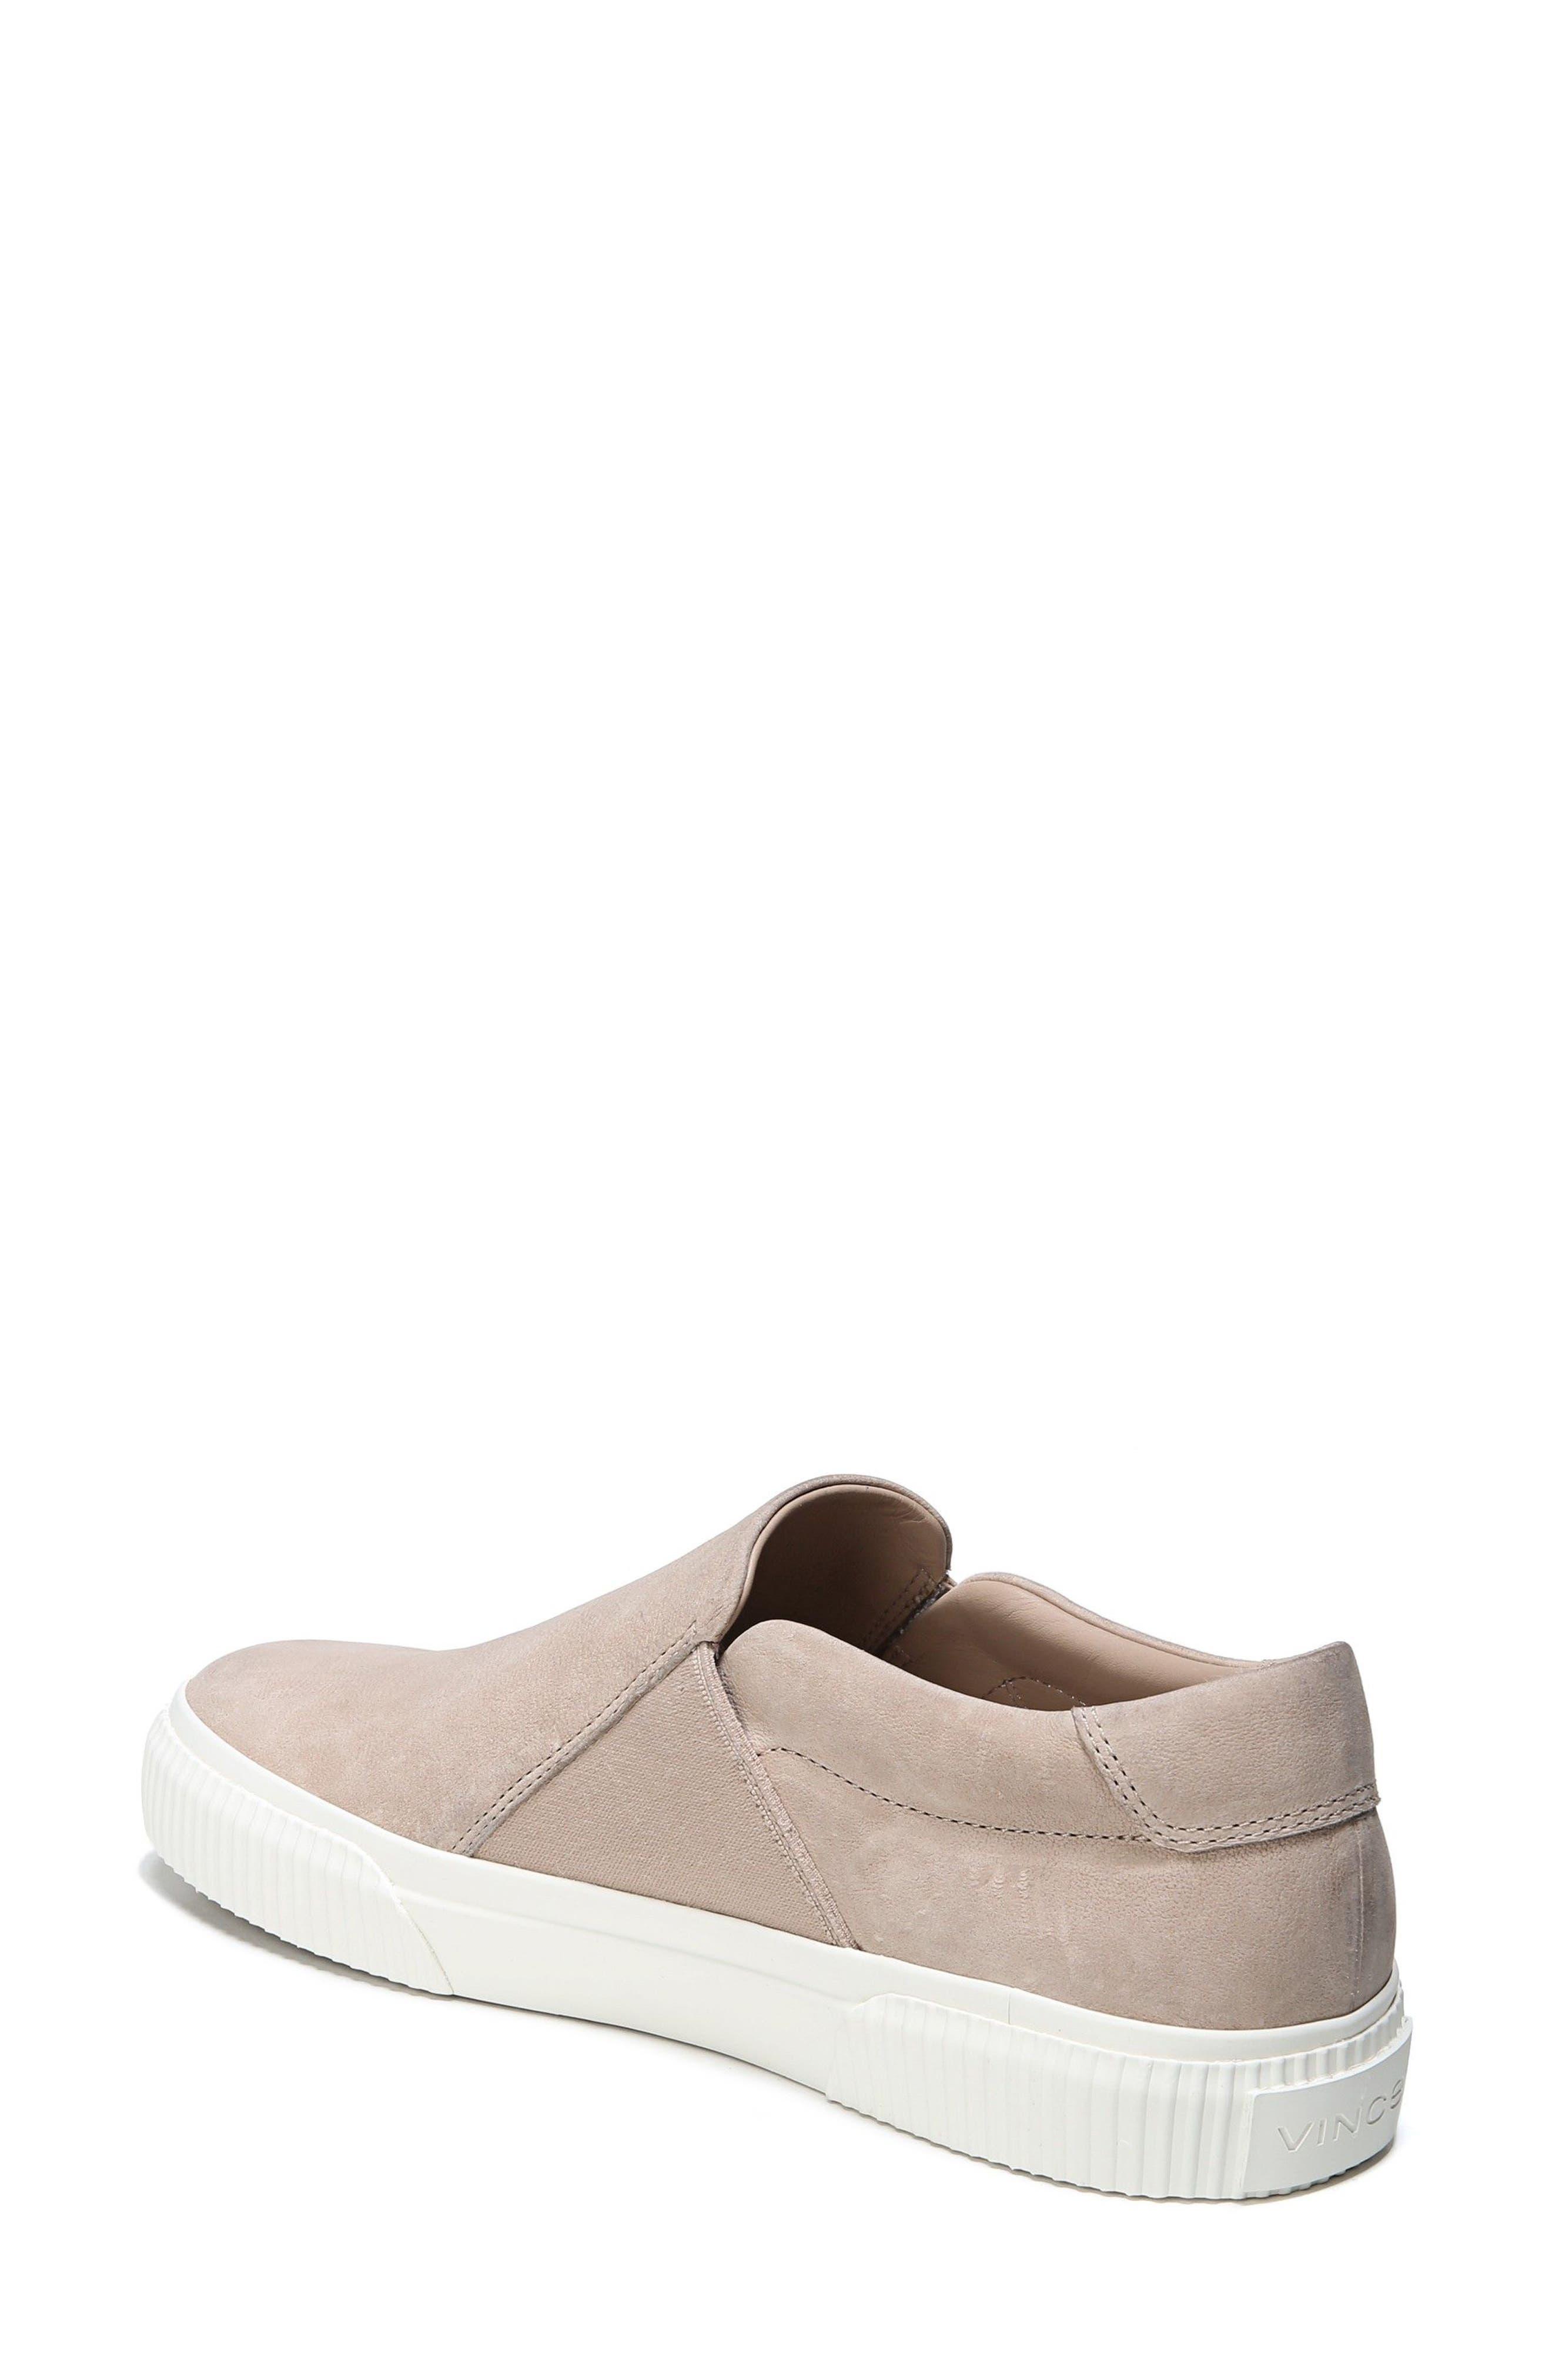 Knox Slip-On Sneaker,                             Alternate thumbnail 4, color,